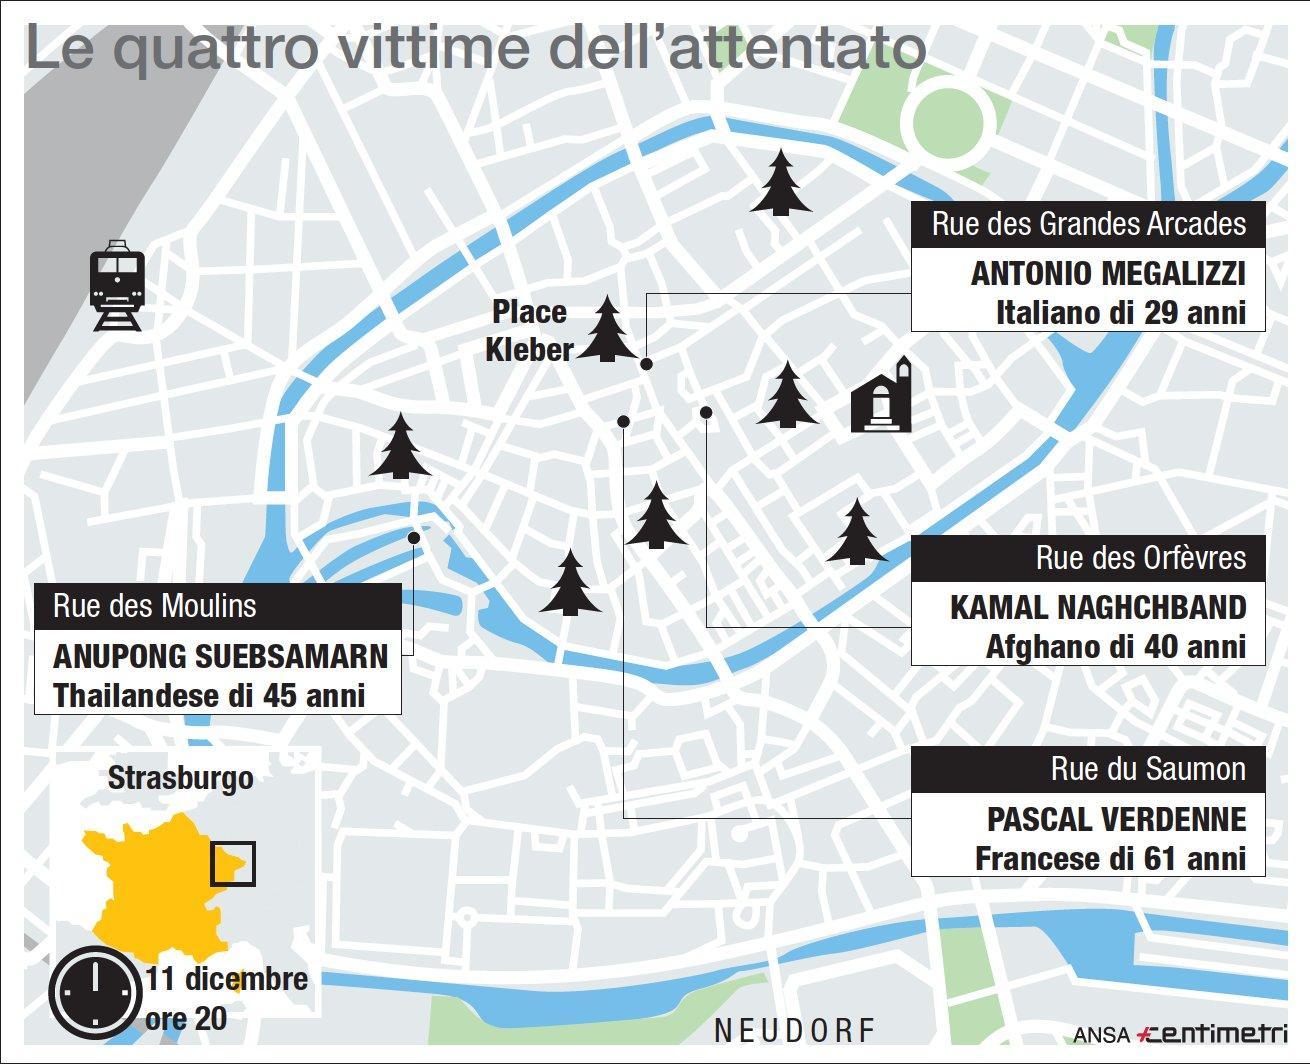 Strasburgo, le quattro vittime dell'attentato